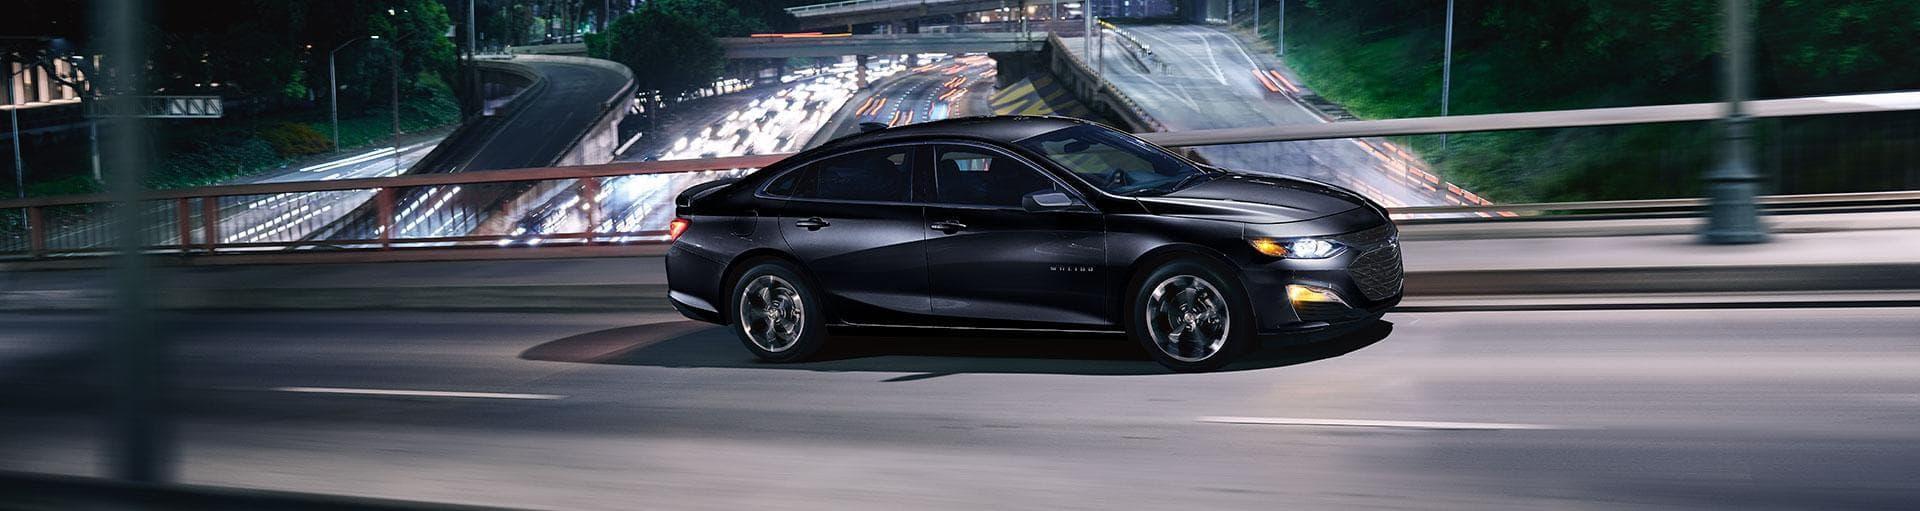 Feldman Chevrolet New Hudson >> Brake Fluid Exchange Service New Hudson Mi Feldman Chevrolet